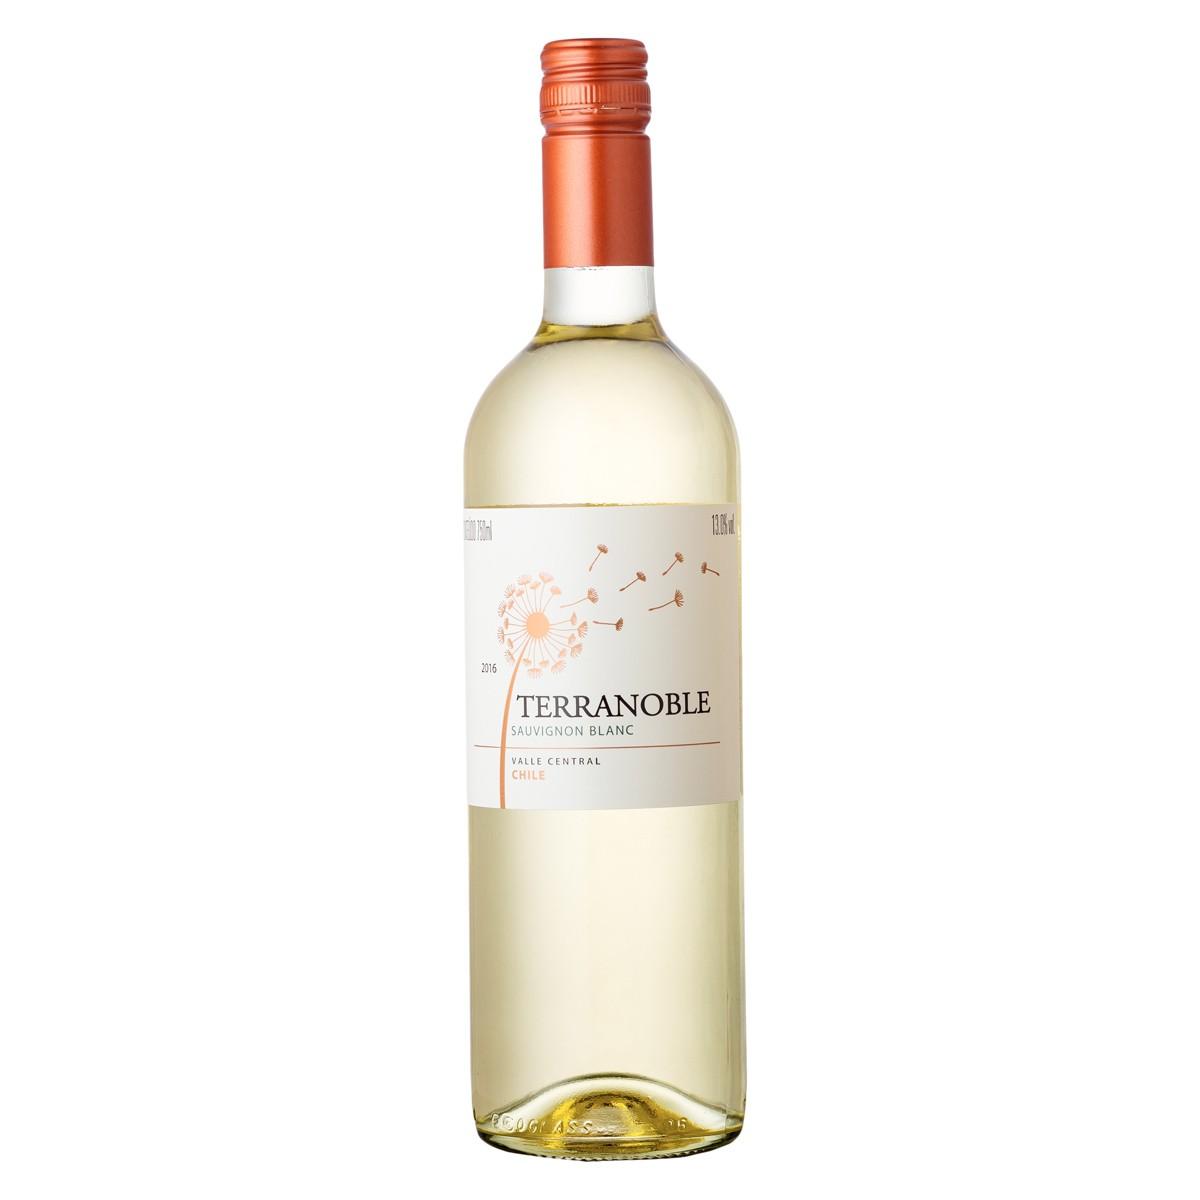 Terranoble Sauvignon Blanc